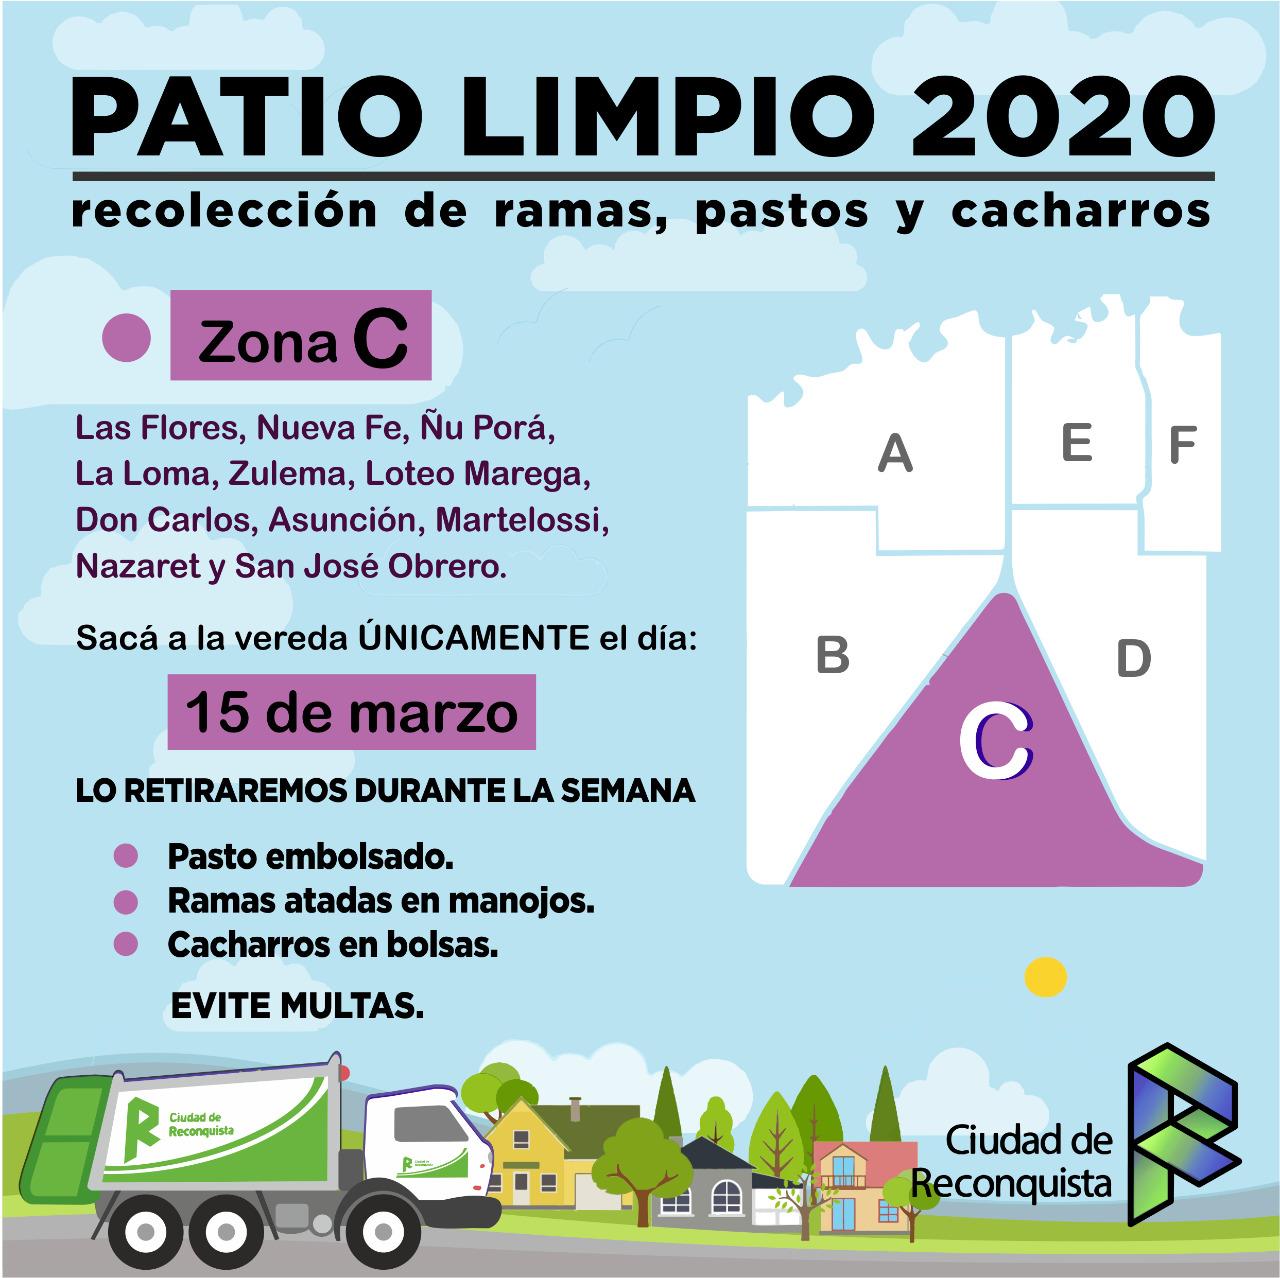 Patio Limpio 2020: este domingo 15 de marzo «ZONA C»